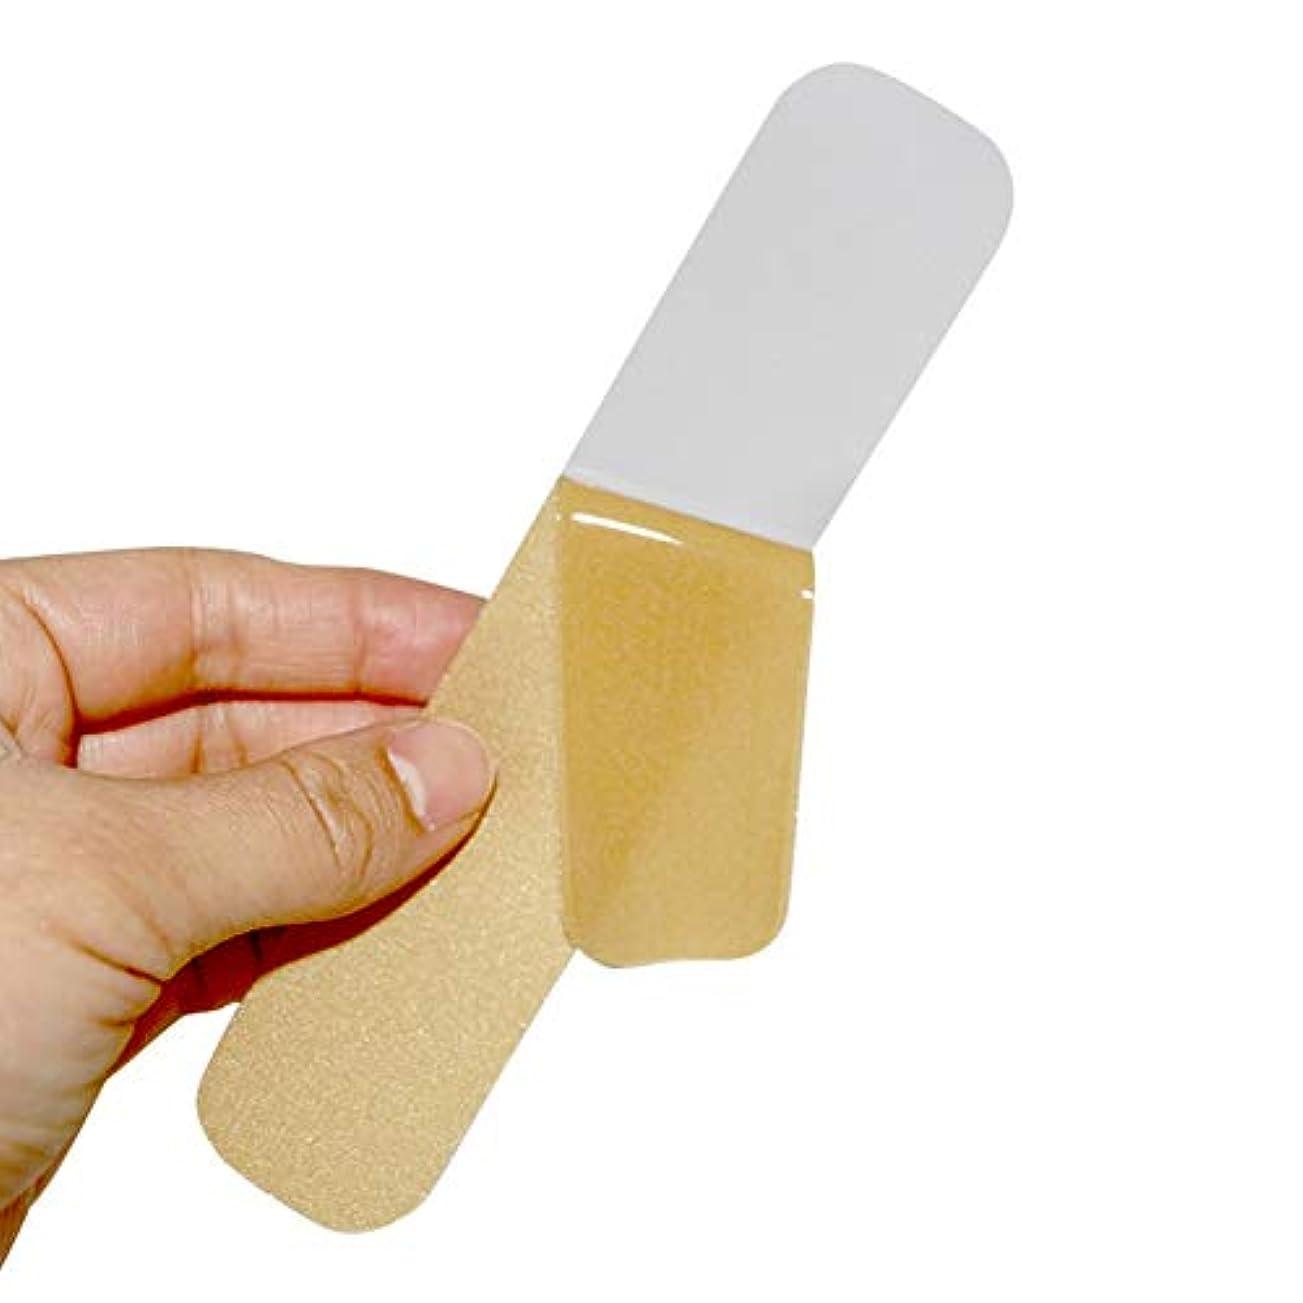 合併鉛筆解くDkhsyシリコンゲル傷跡シートゲルパッチシリコンゲルパッチ再利用可能なシリコンゲルパッチ傷跡除去ヒーリングシート皮膚修復シーティング